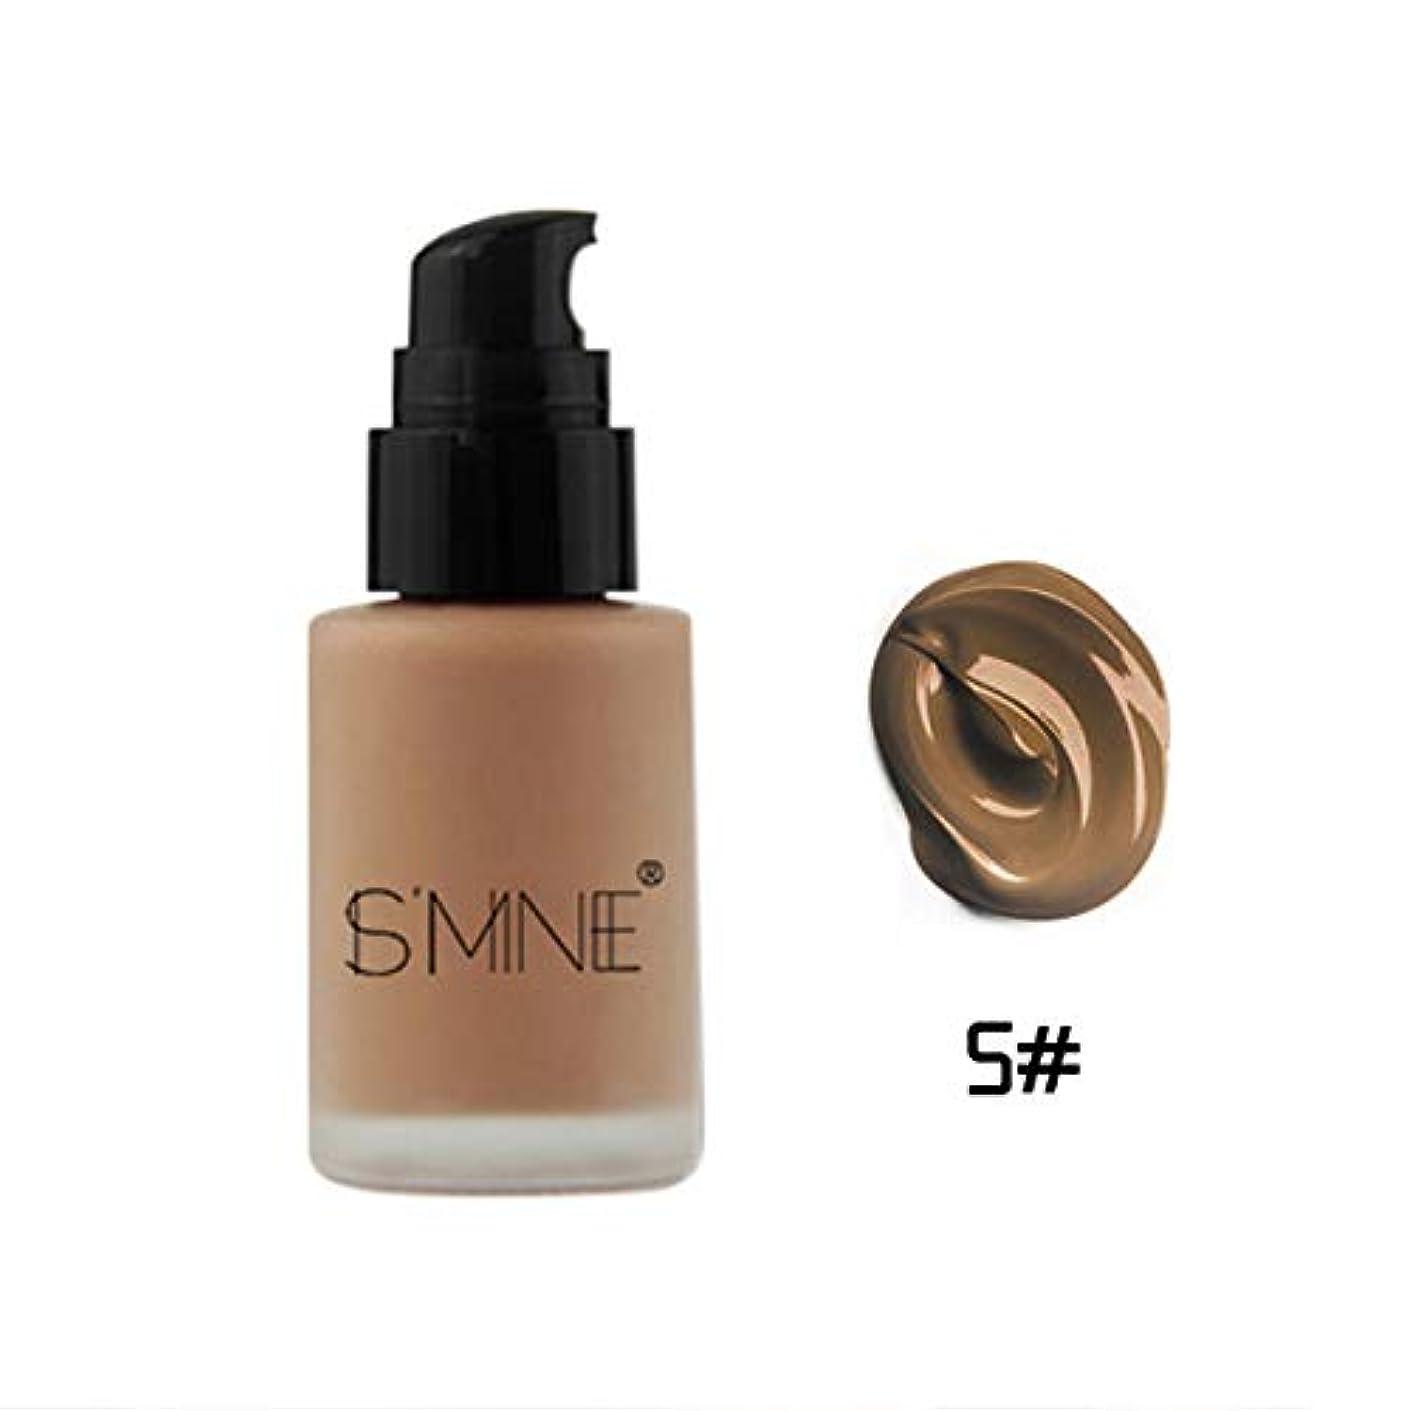 血統上級製油所Symboat BBクリーム 女性 フェイスコンシーラー 美白 保湿 防水 ロングラスティングメイクアップ 健康的な自然な肌色 素肌感 化粧品